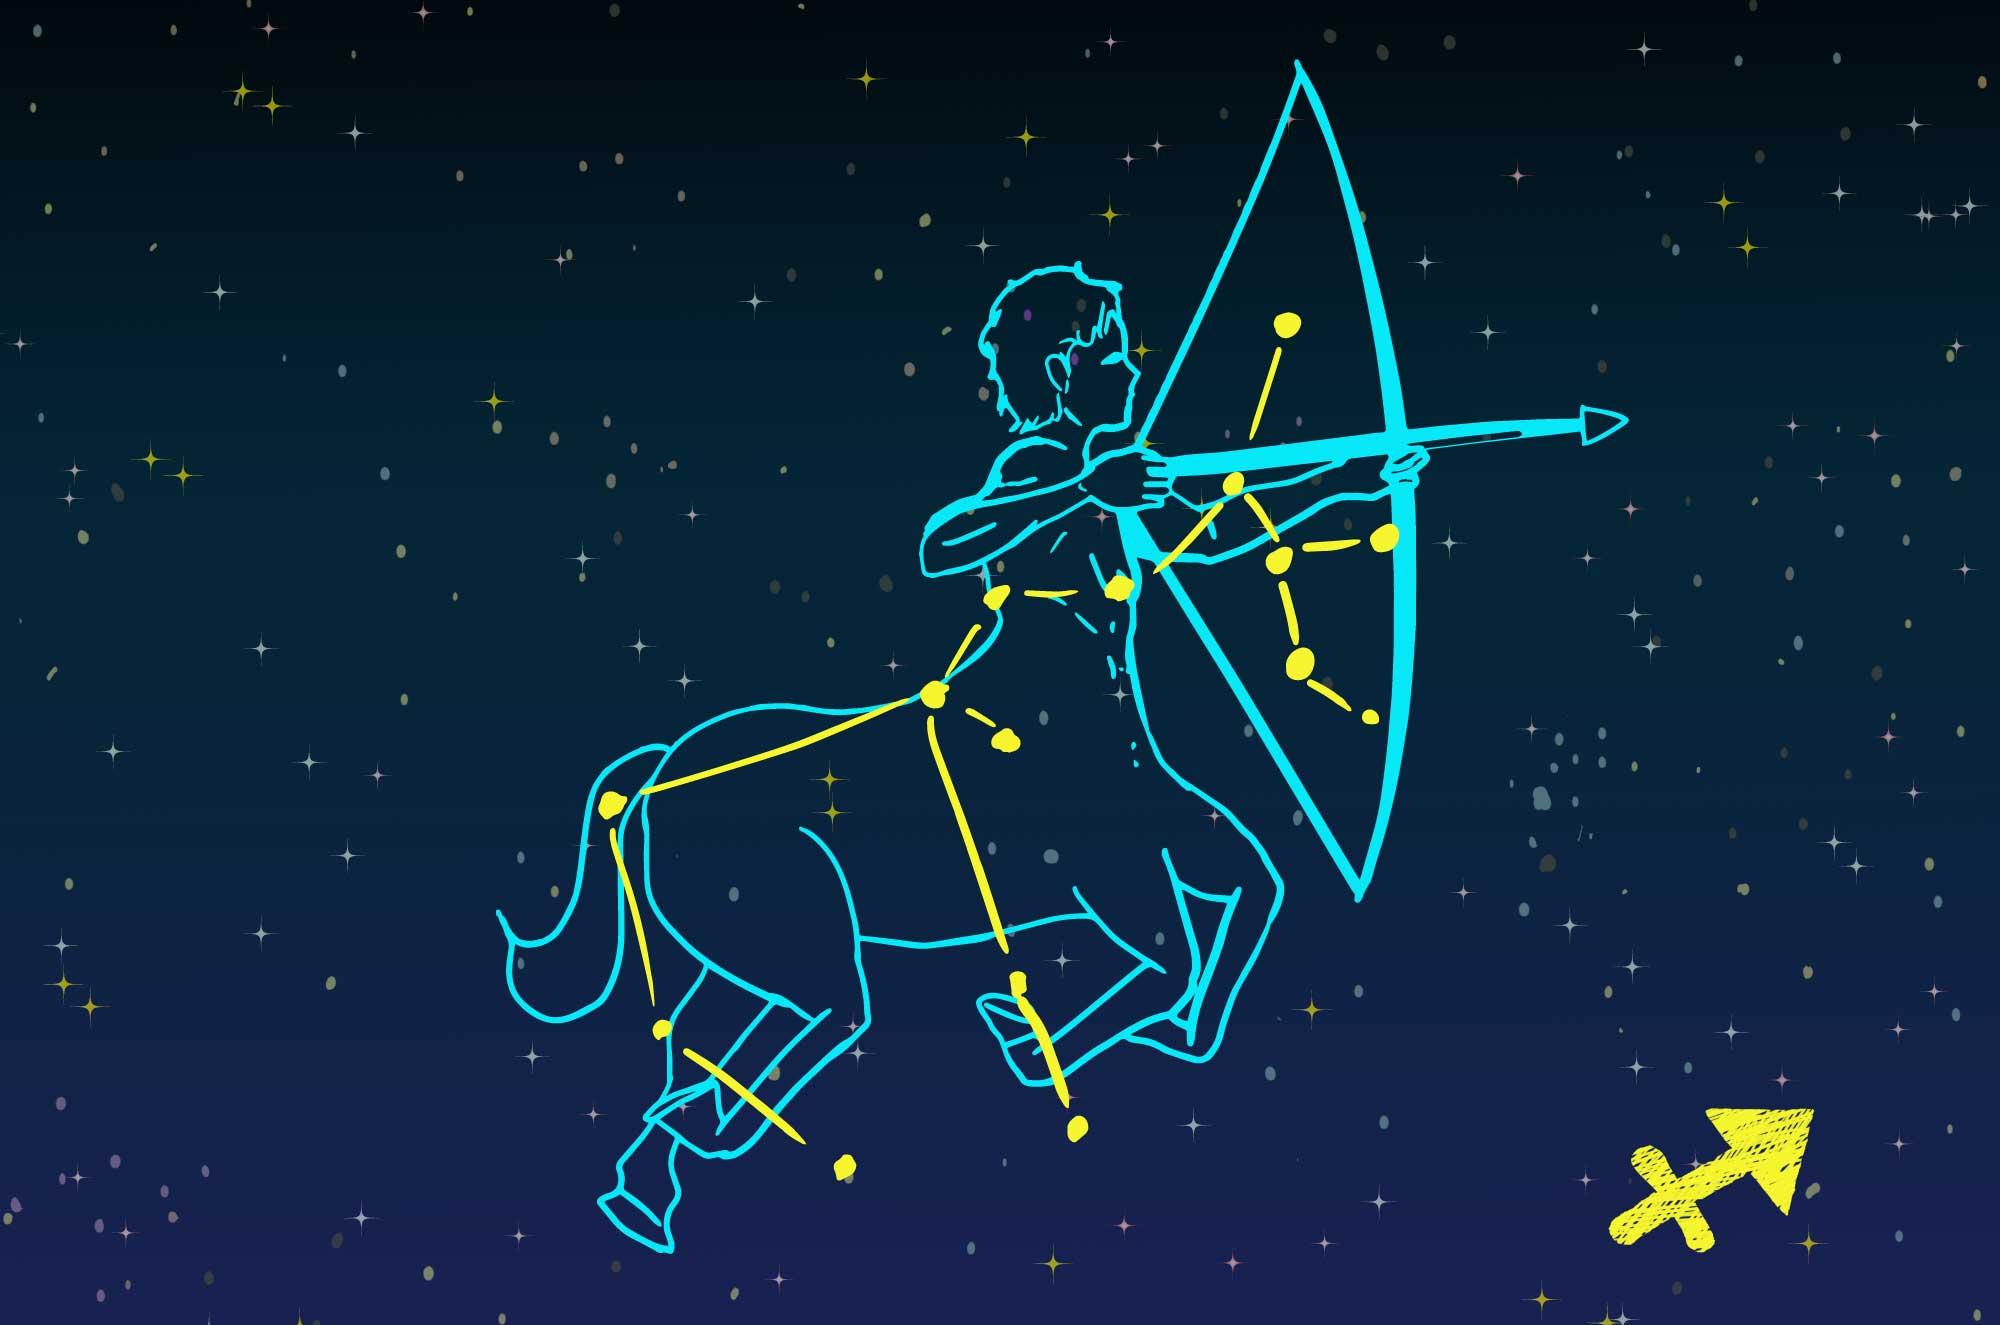 射手座のイラスト - かっこいい神話の星座無料素材